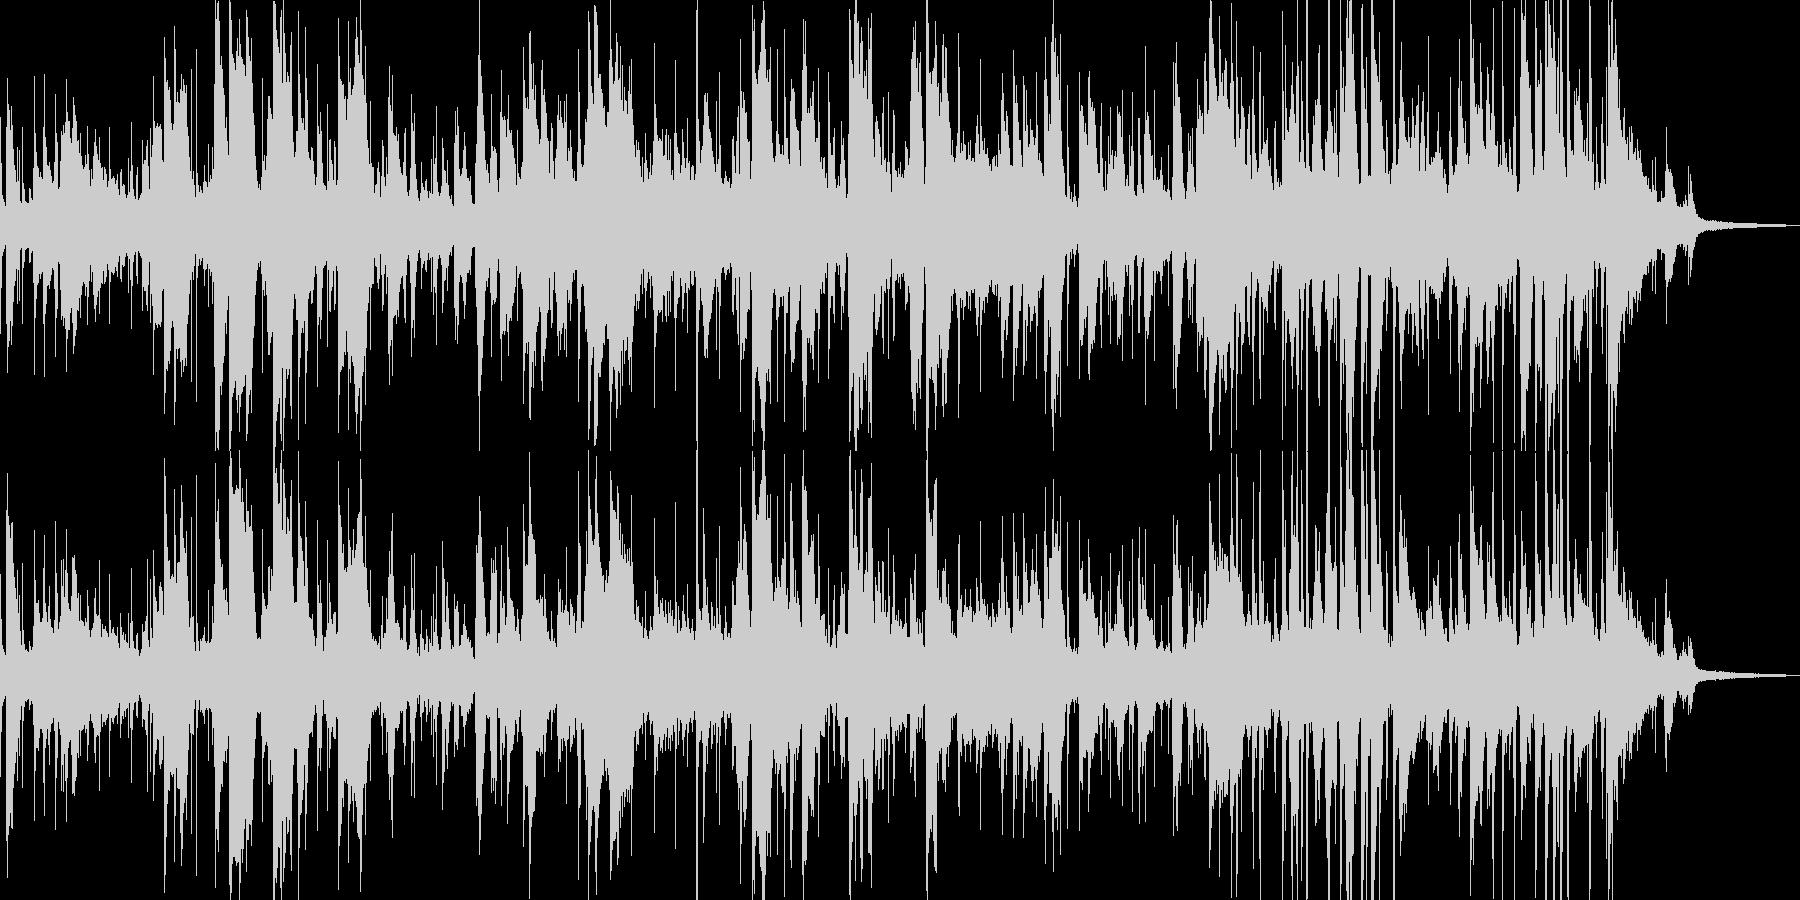 エヴァンスライクなリキッドジャズの未再生の波形